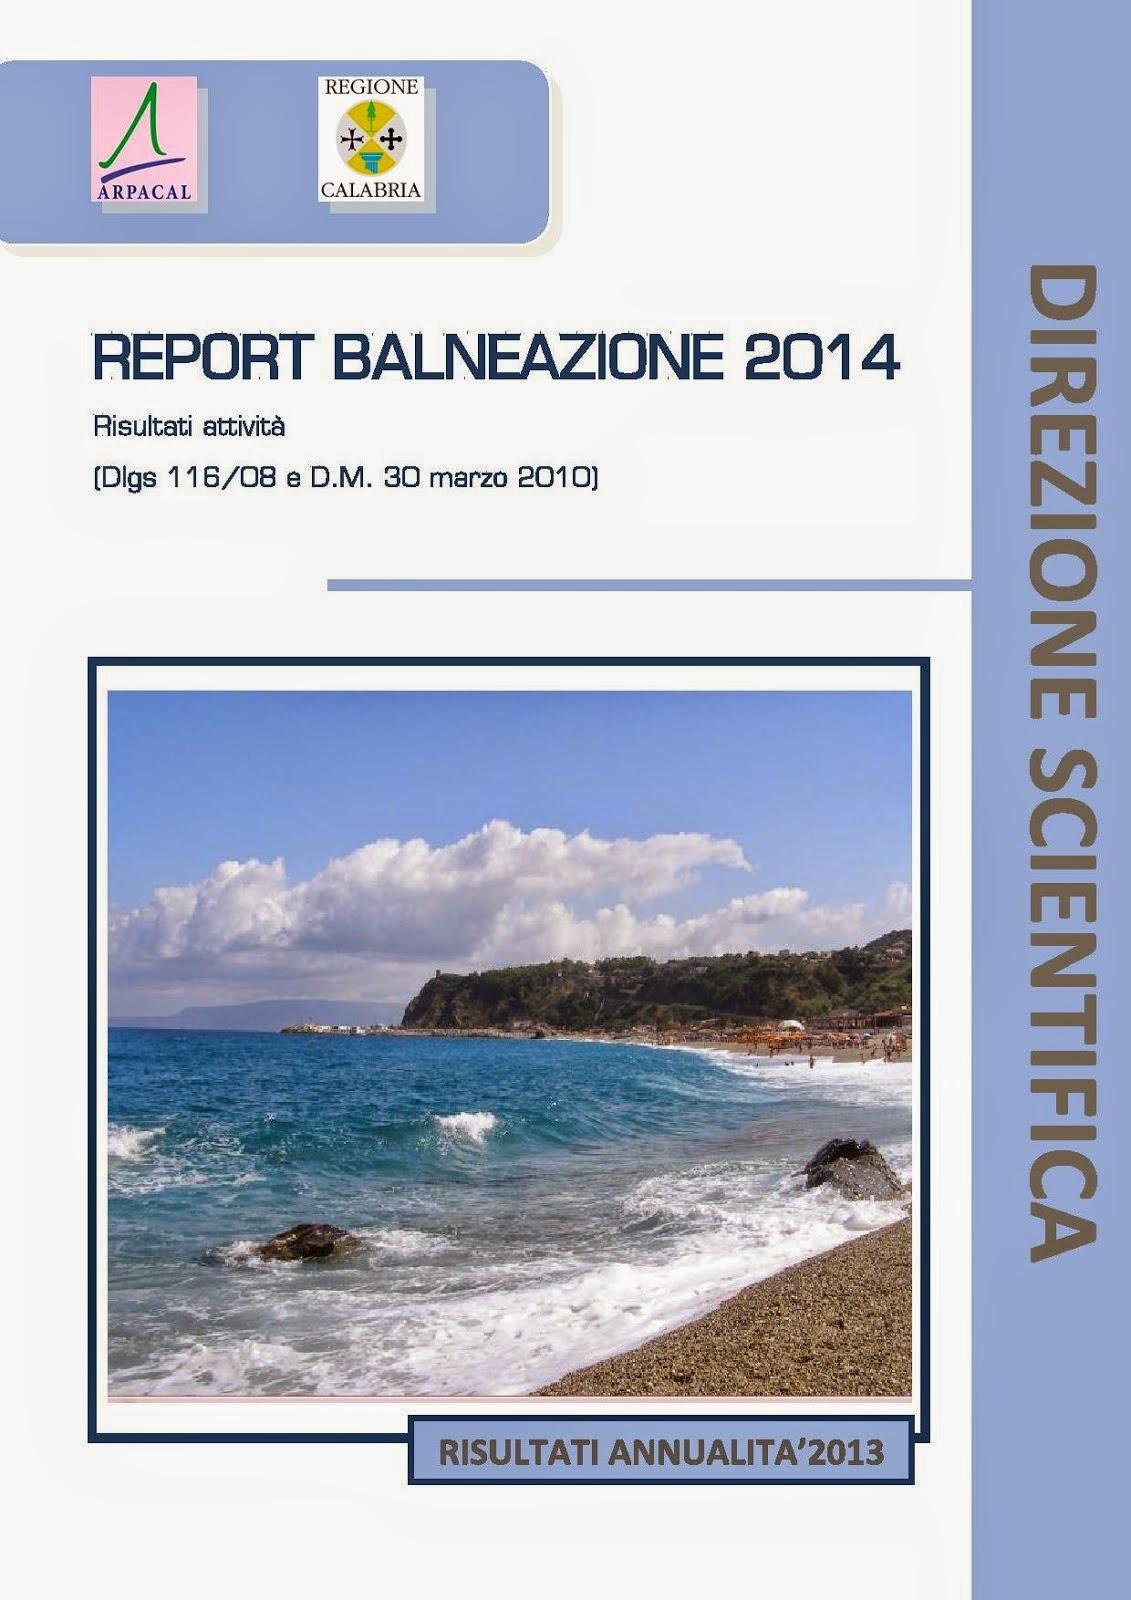 REPORT BALNEAZIONE 2014